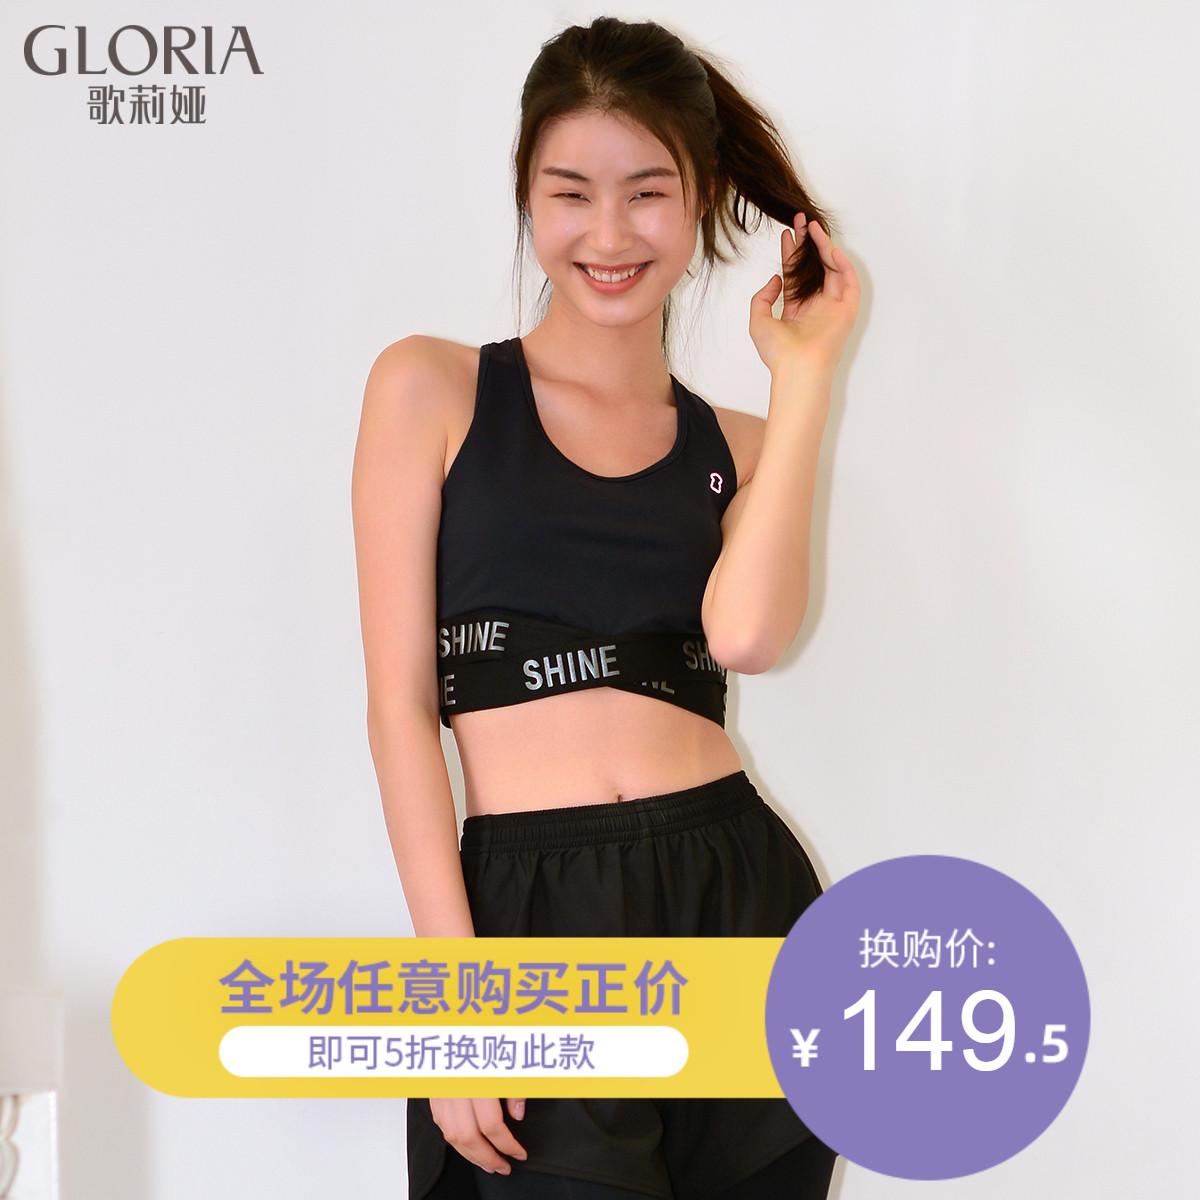 5折换购Gloria/歌莉娅2020夏新品紧身瑜伽背心104JYA020